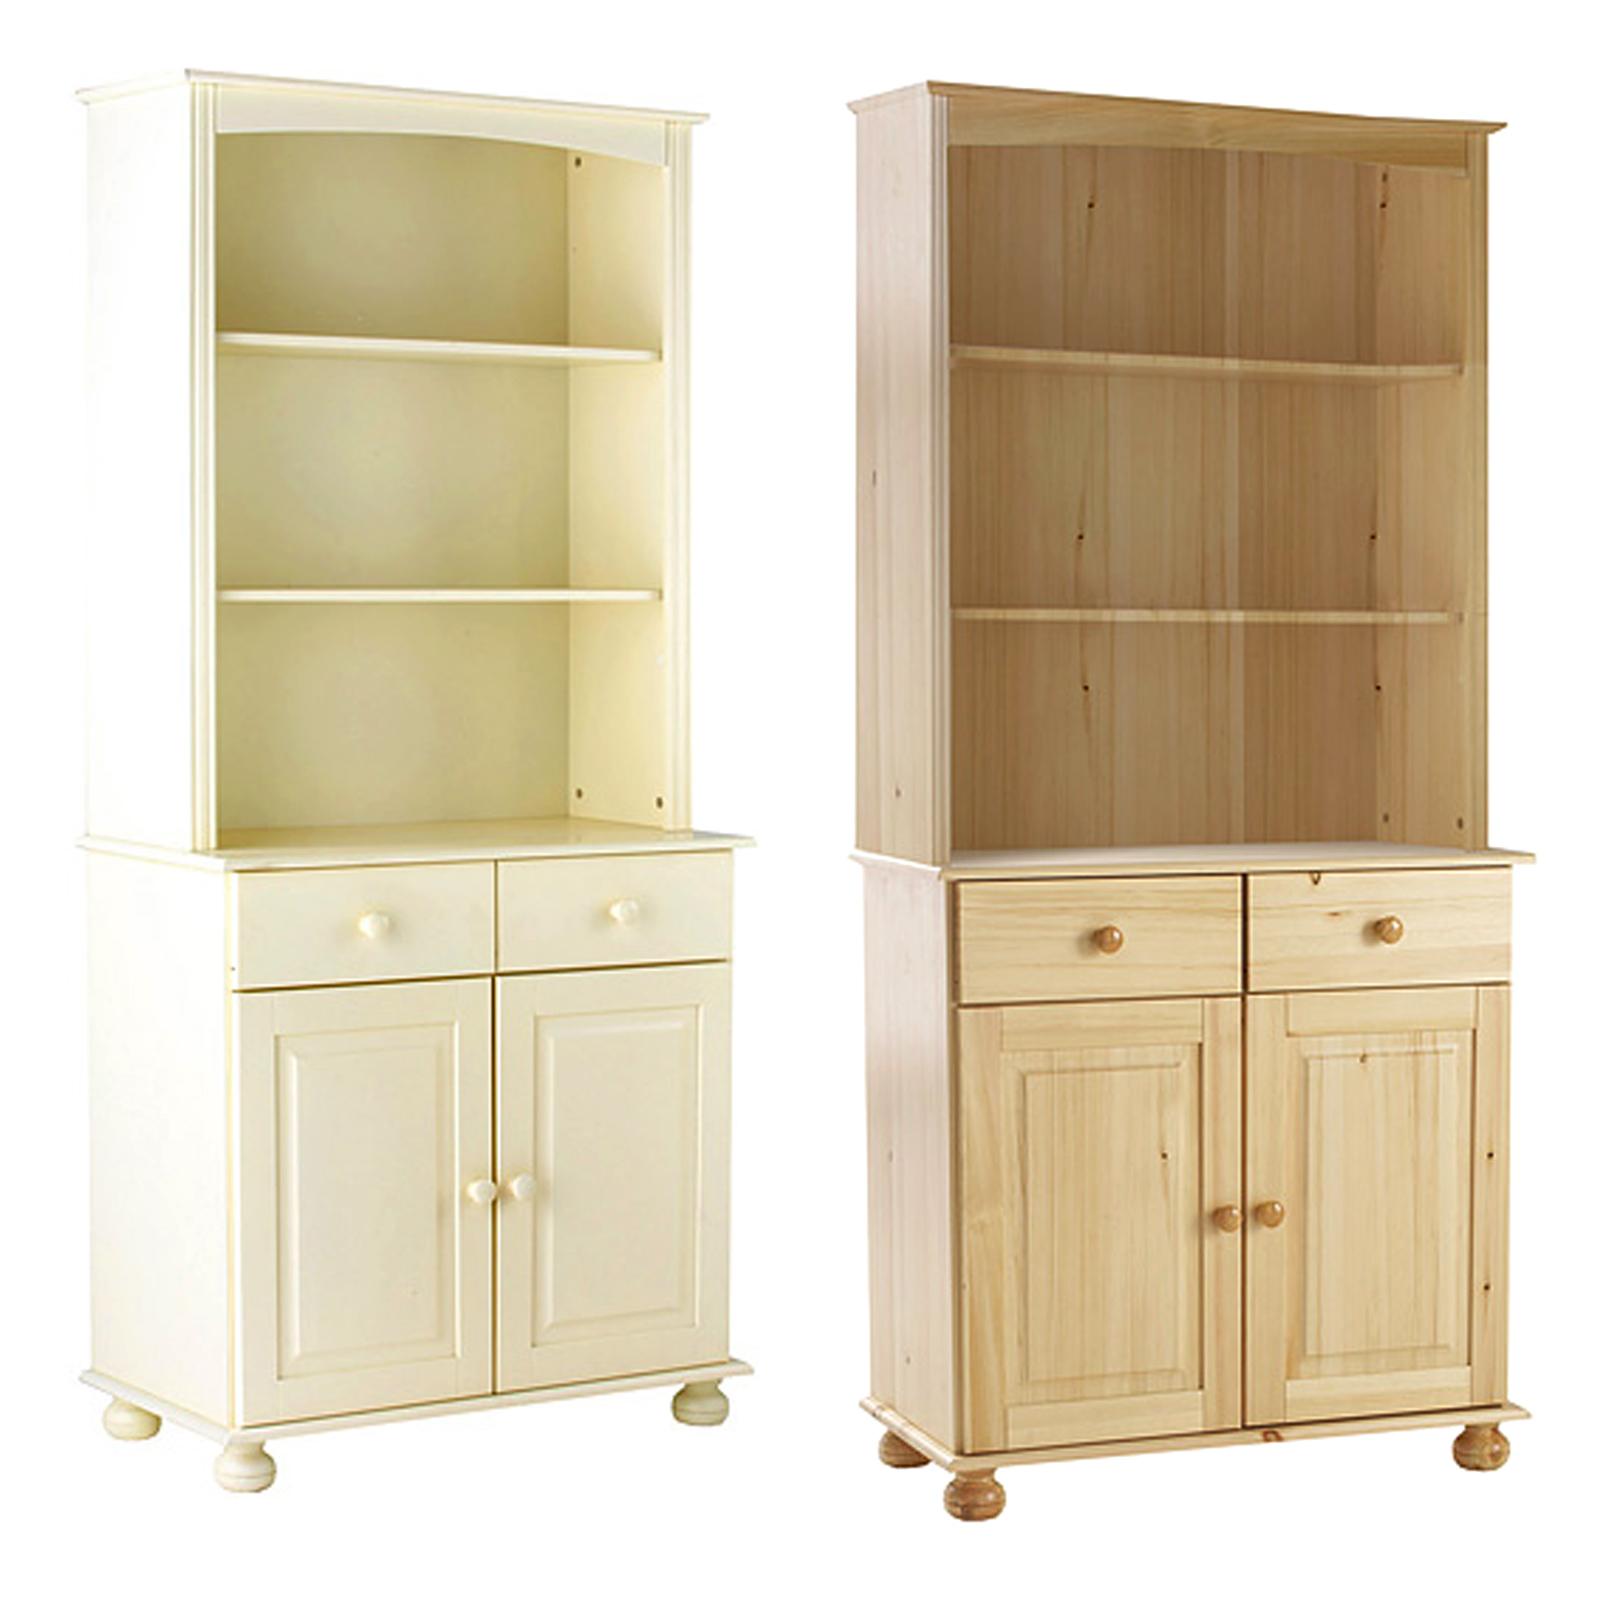 Country Kitchen Dresser: Wooden Kitchen Dresser Solid Pine Or Cream